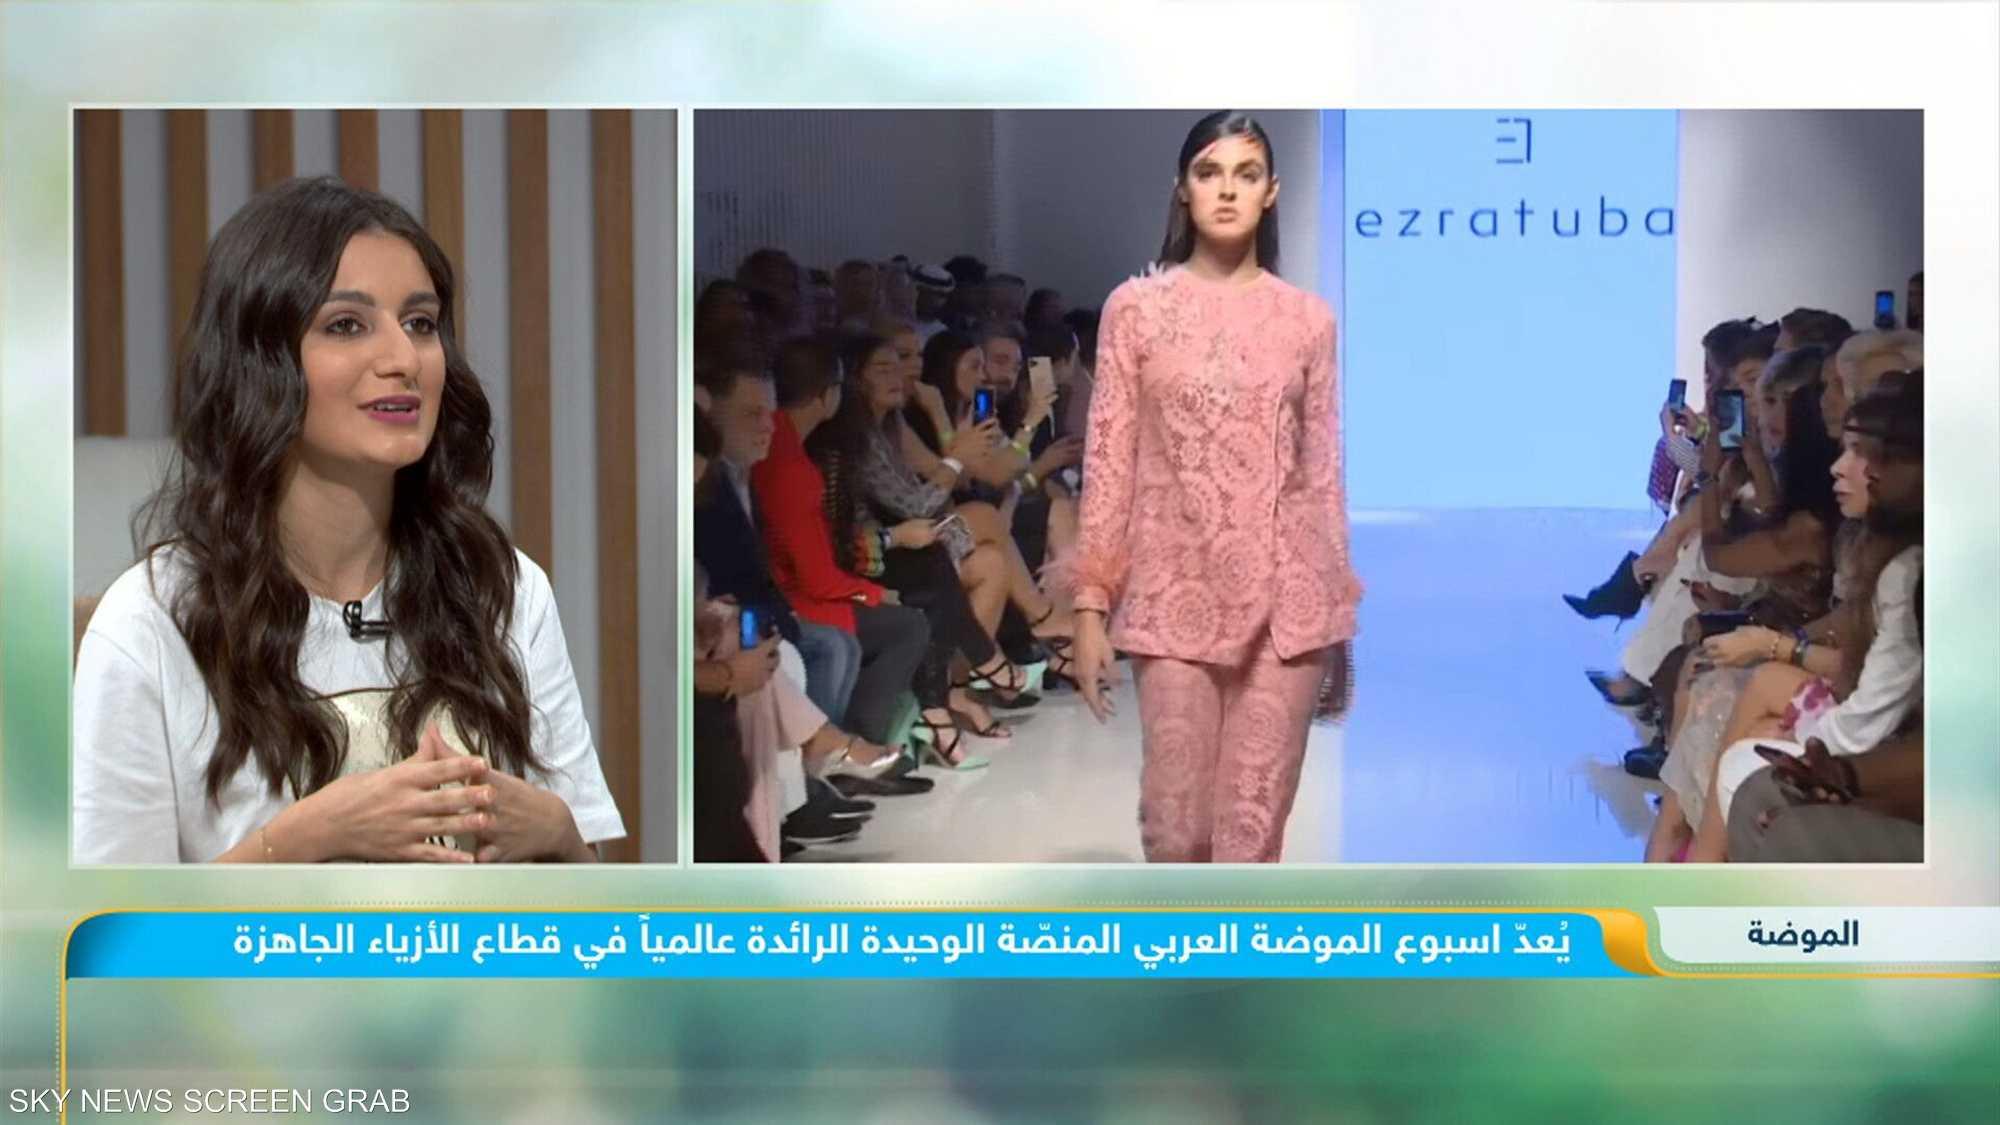 أسبوع الموضة العربي ضمن قائمة أفضل فعاليات الأزياء في العالم